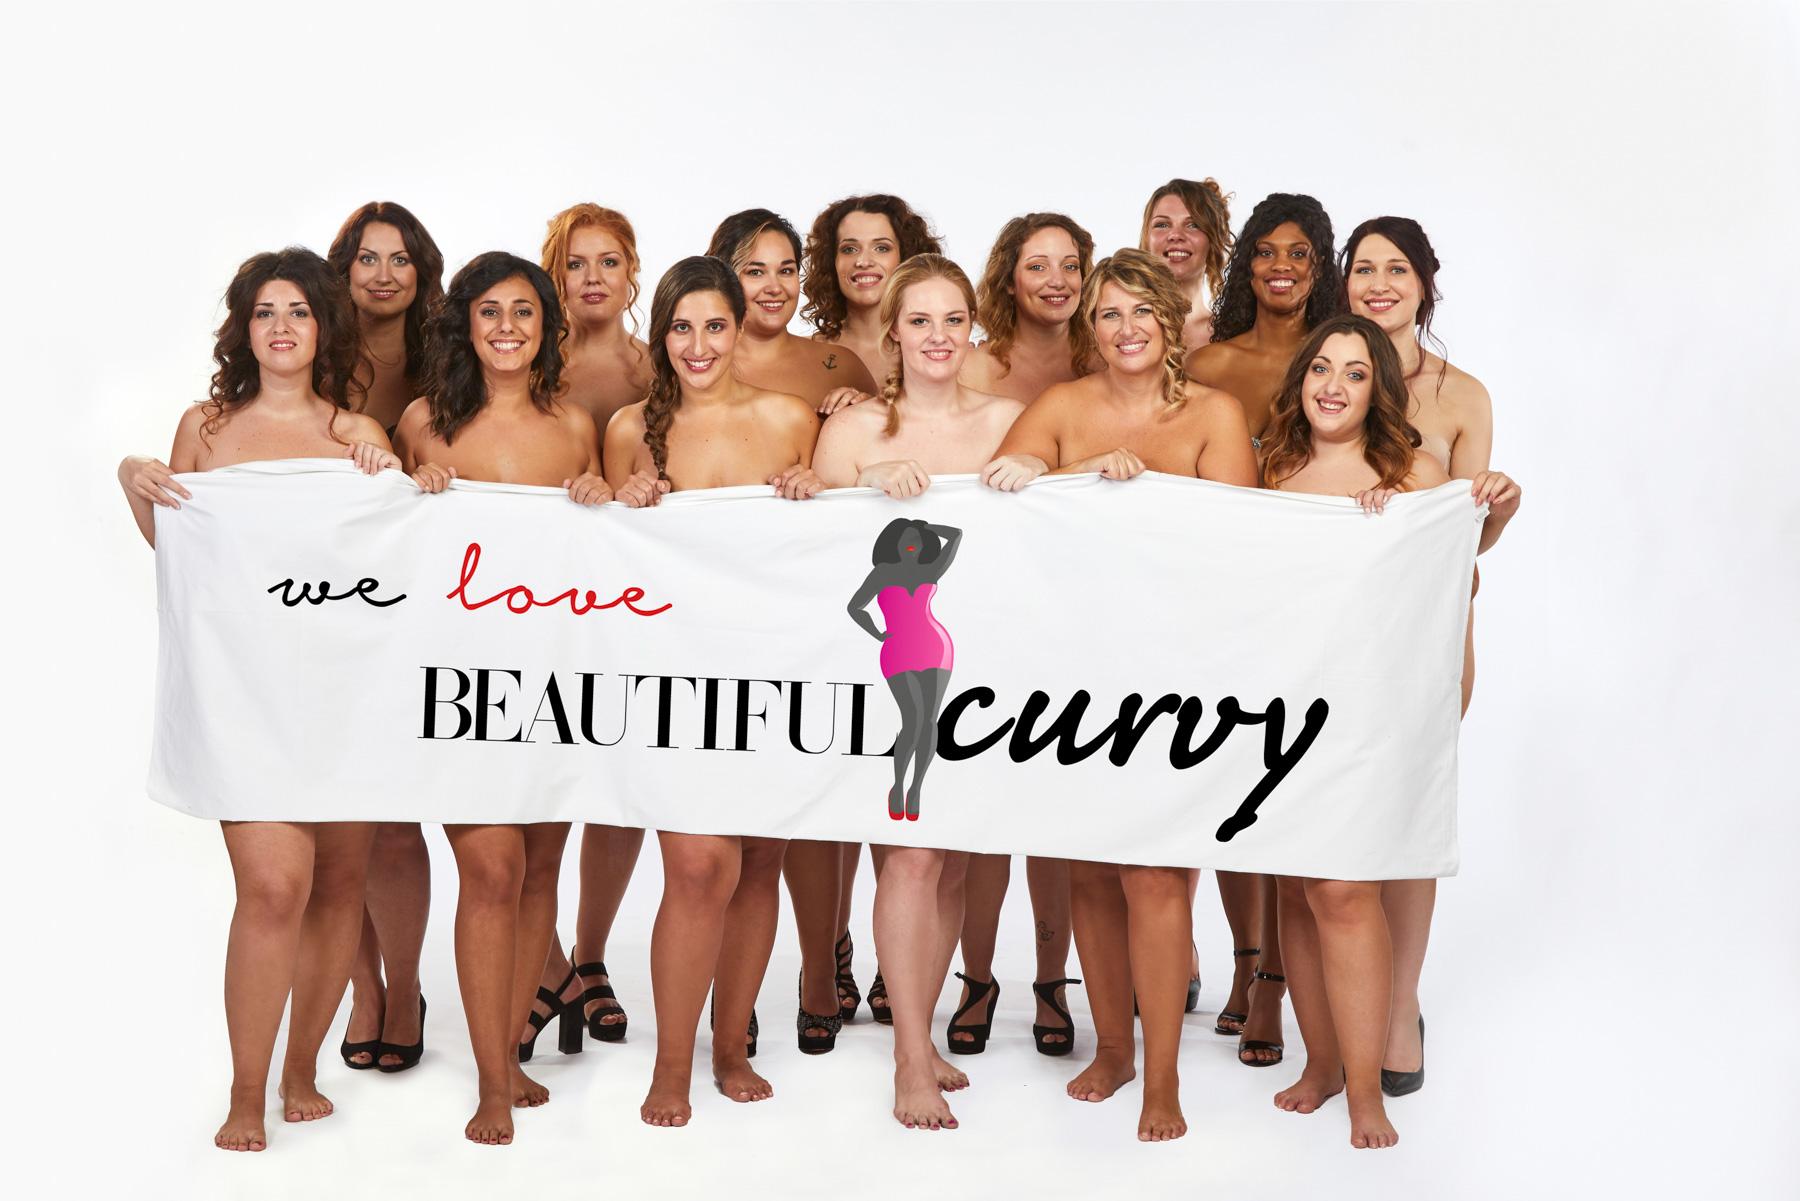 Calendario Bellezza.Calendario Curvy 2019 Fra Le Sensuali 12 C E Una Bellezza